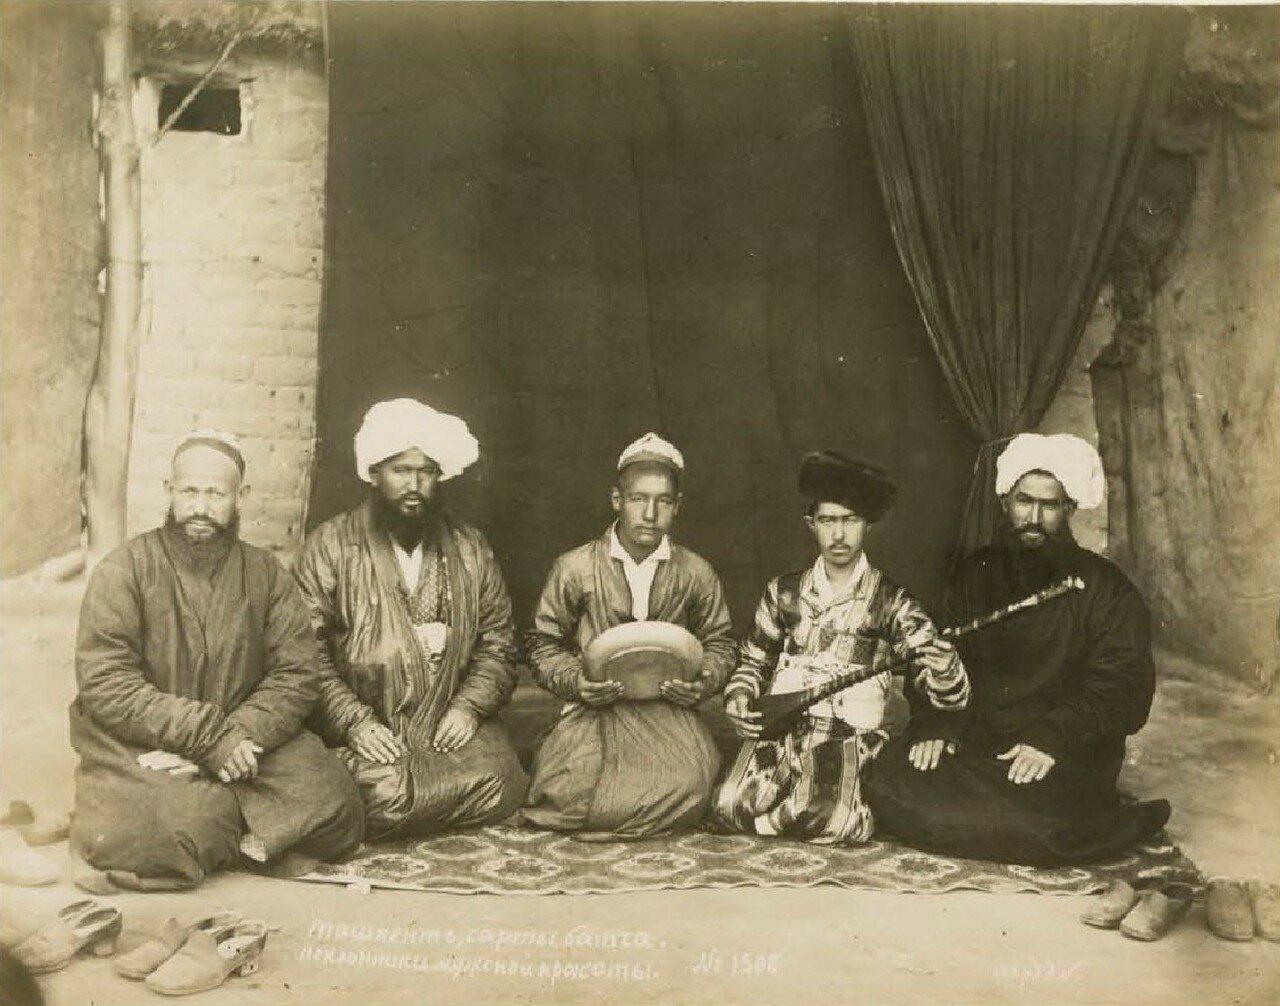 Ташкент. Сарты батча. Поклонники мужской красоты